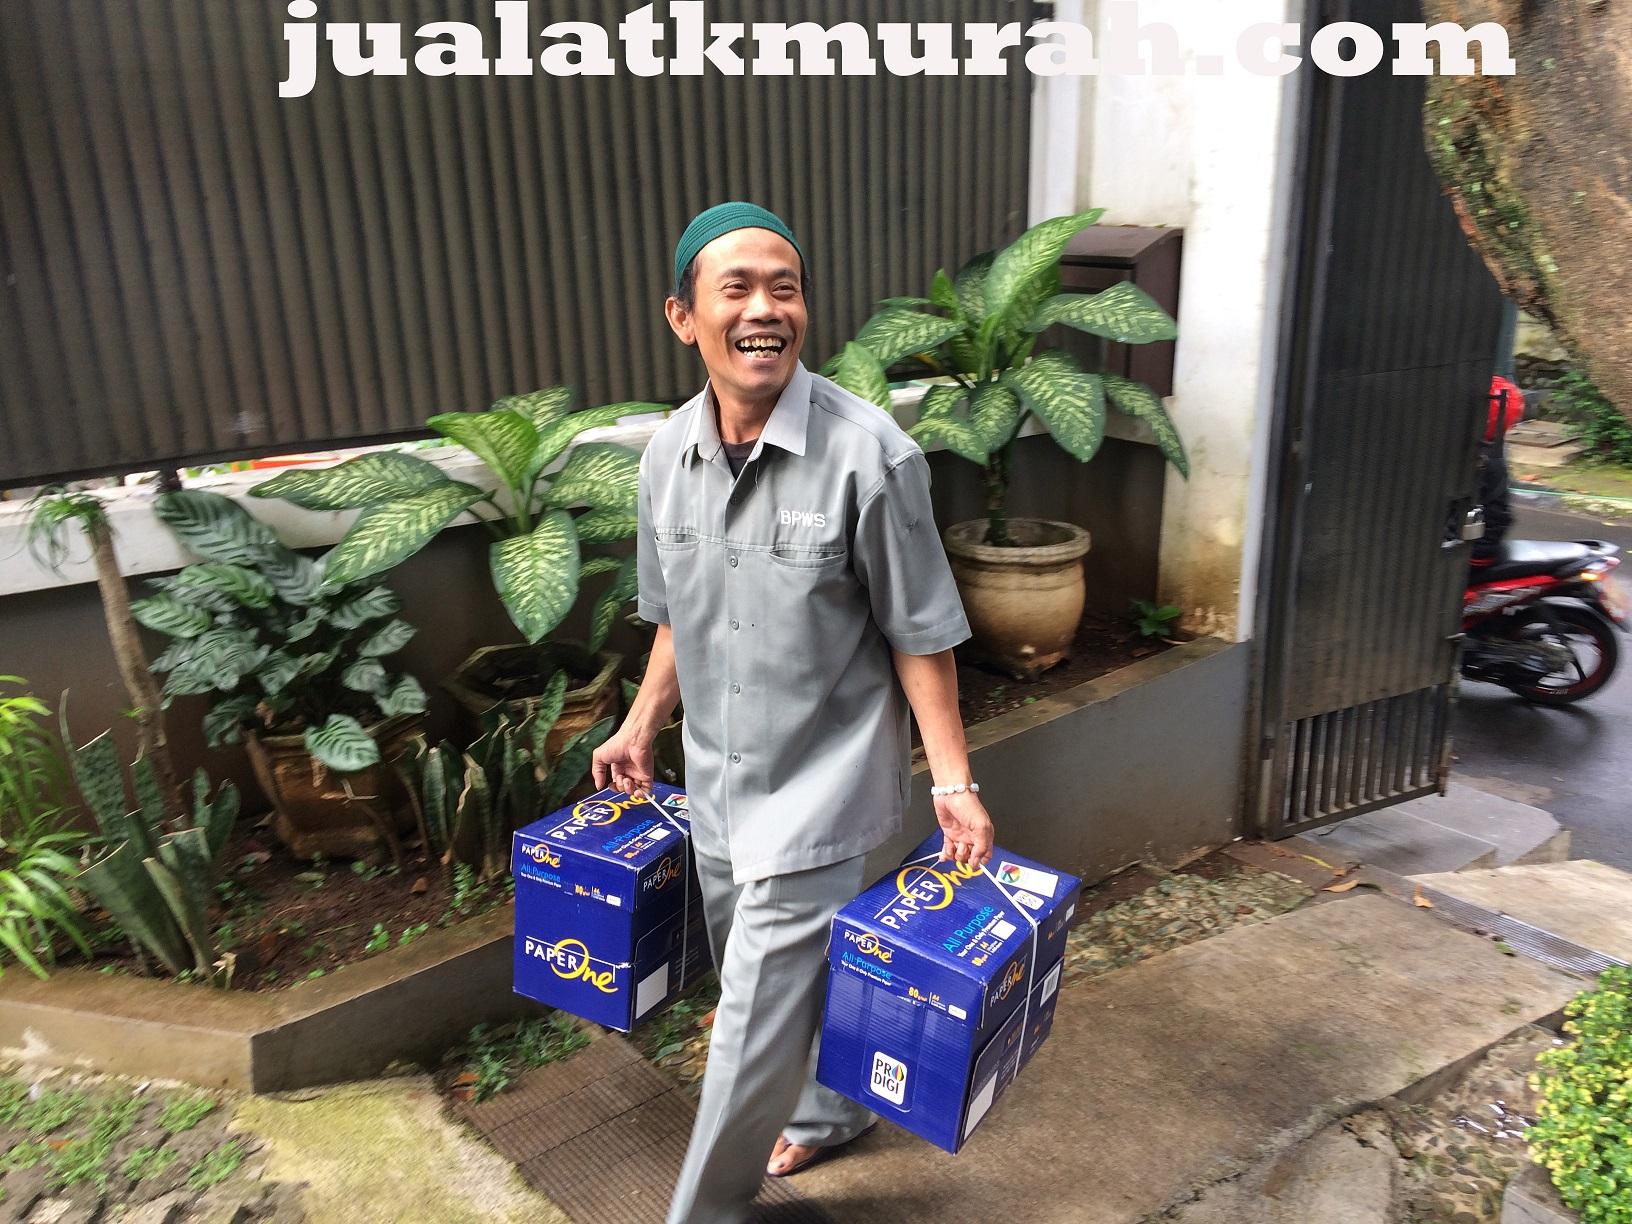 Jual ATK Murah Buaran Jakarta Timur